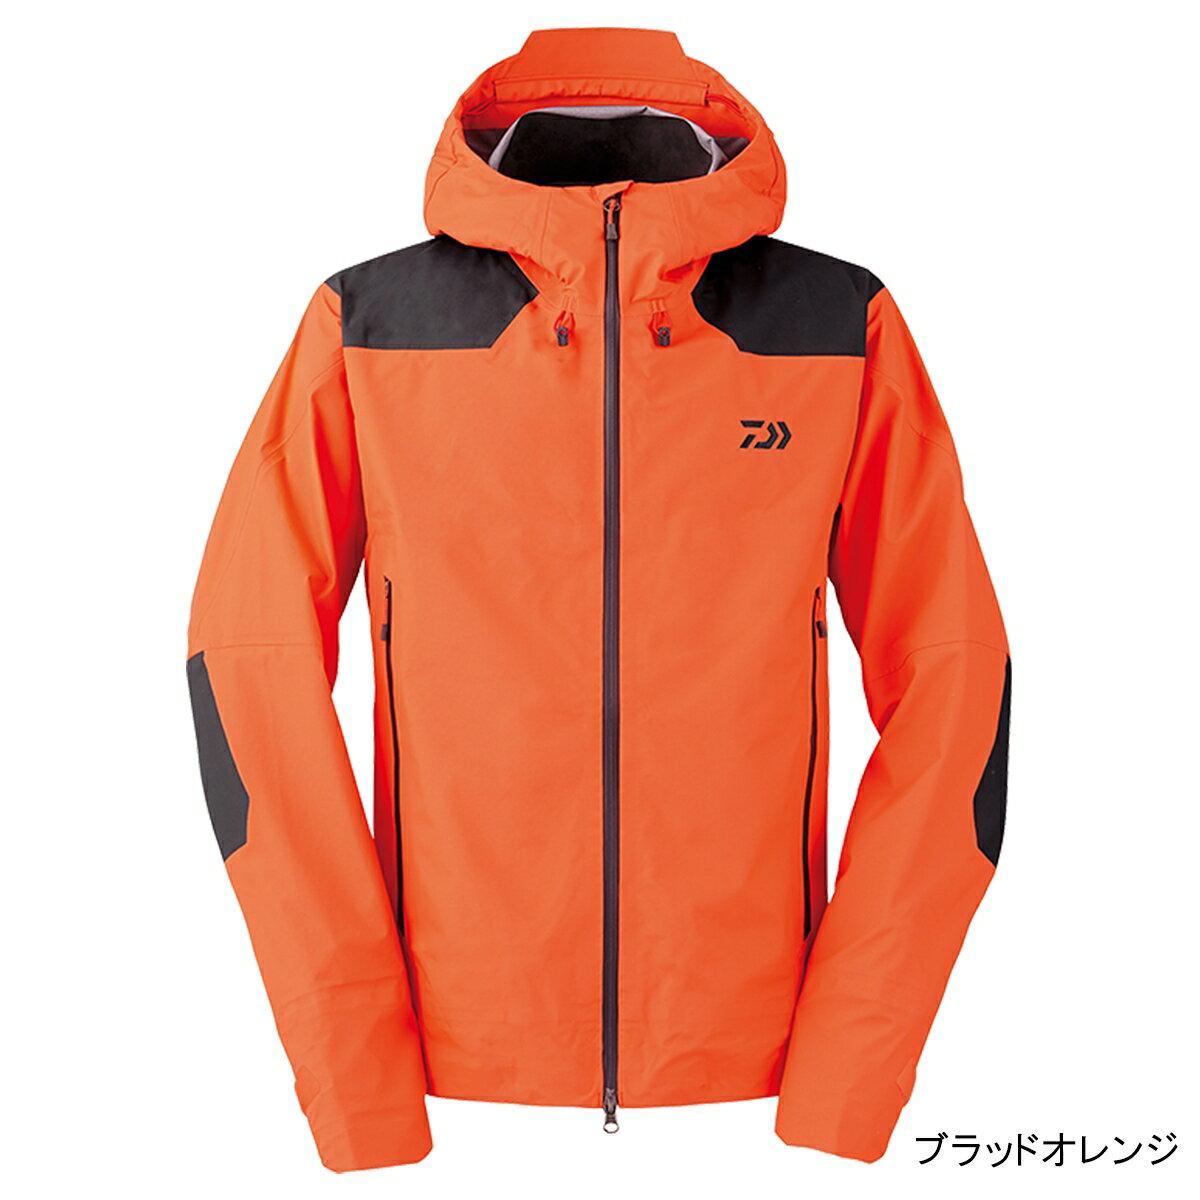 ダイワ レインマックス レインジャケット DR-2008J XL ブラッドオレンジ